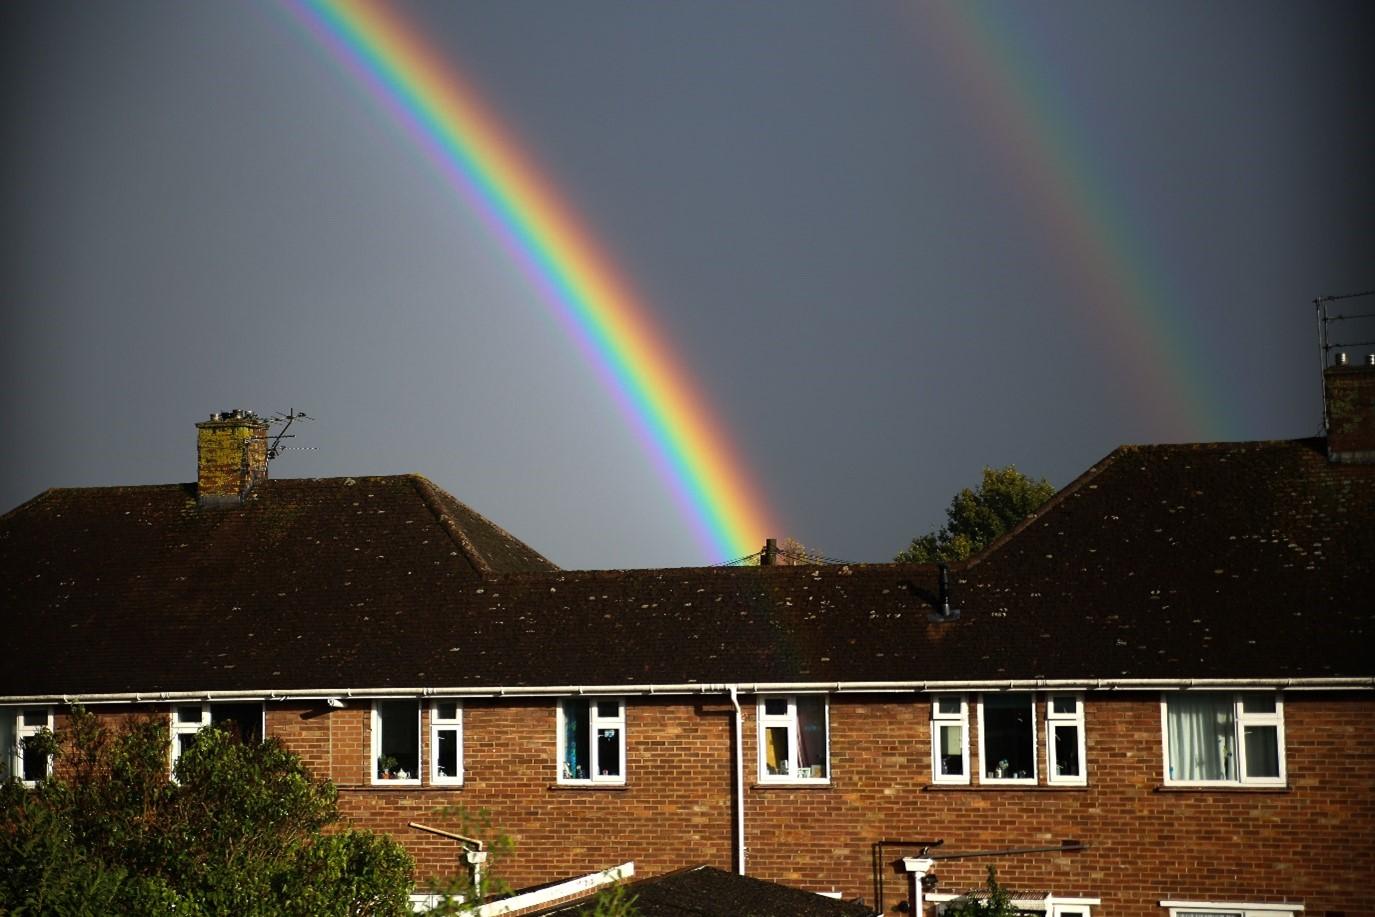 a double rainbow over a row of houses